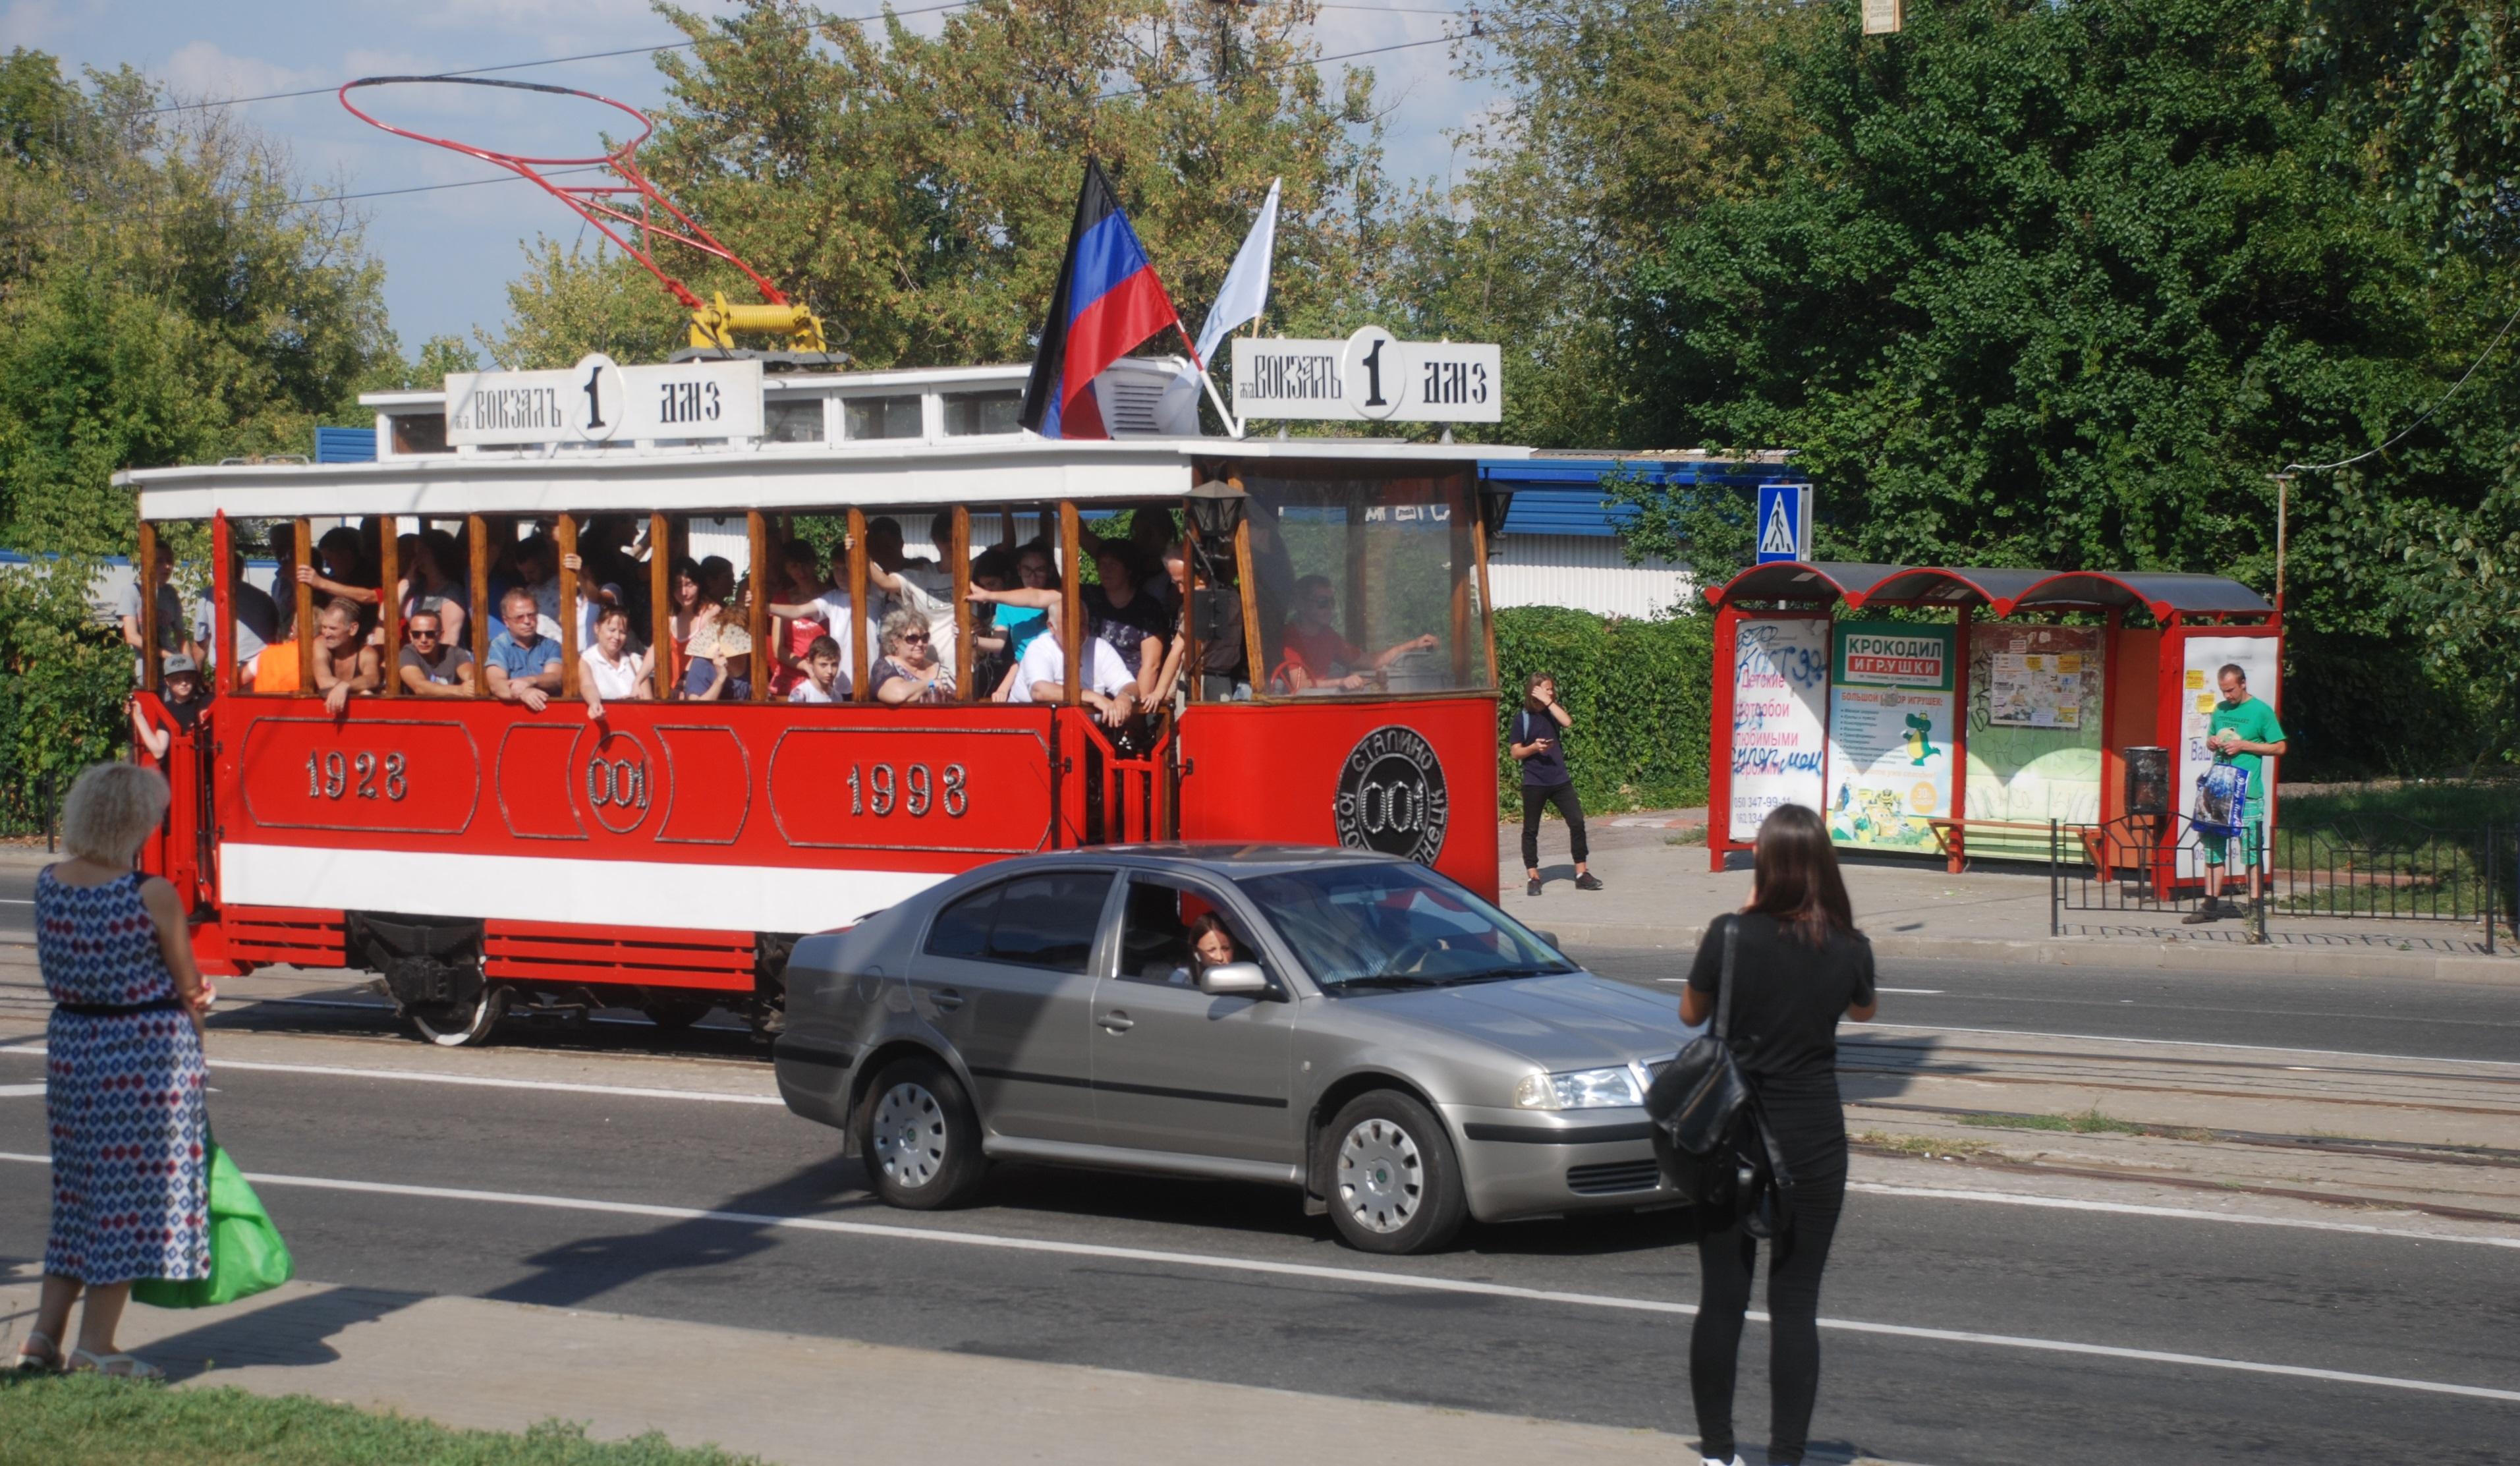 Русский город, много спорта и ретро-трамваи. Как Донецк отпраздновал День города и День шахтера. Фото. Видео